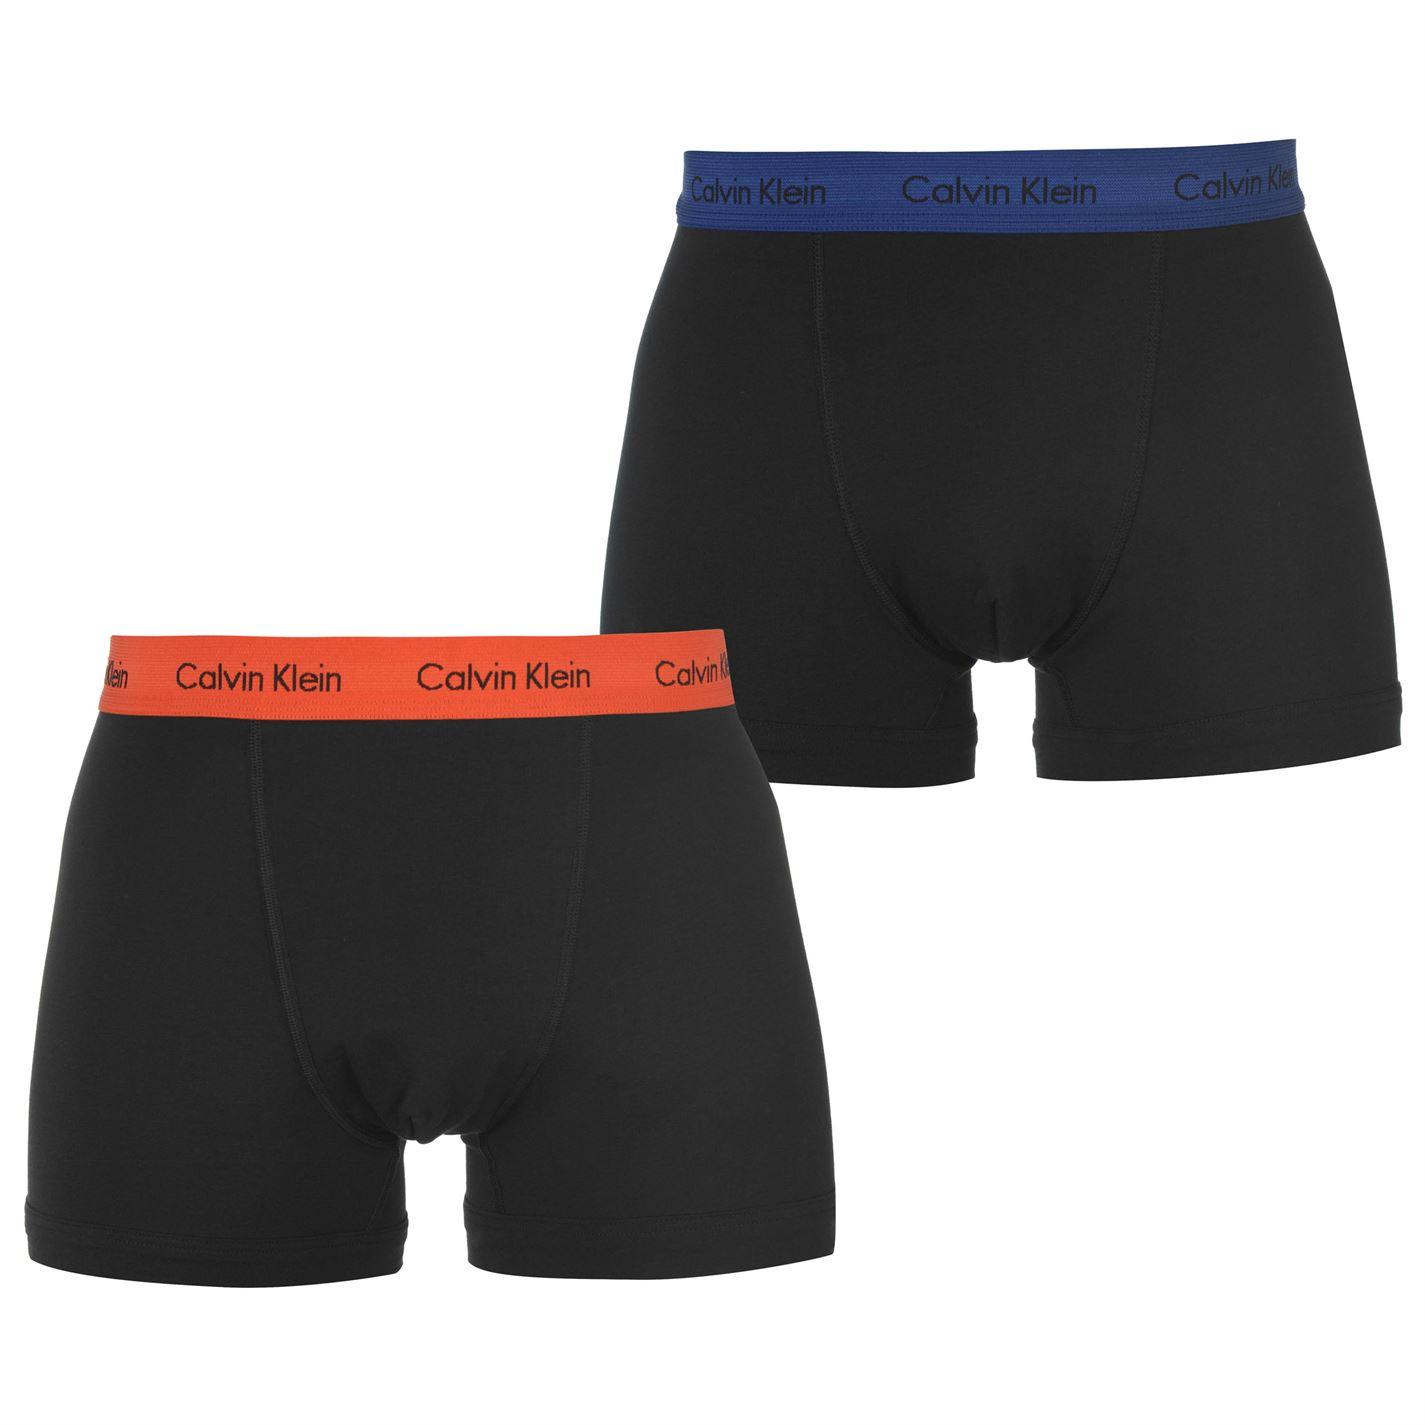 Calvin Klein Underwear 2 Pack Cotton Stretch Underwear